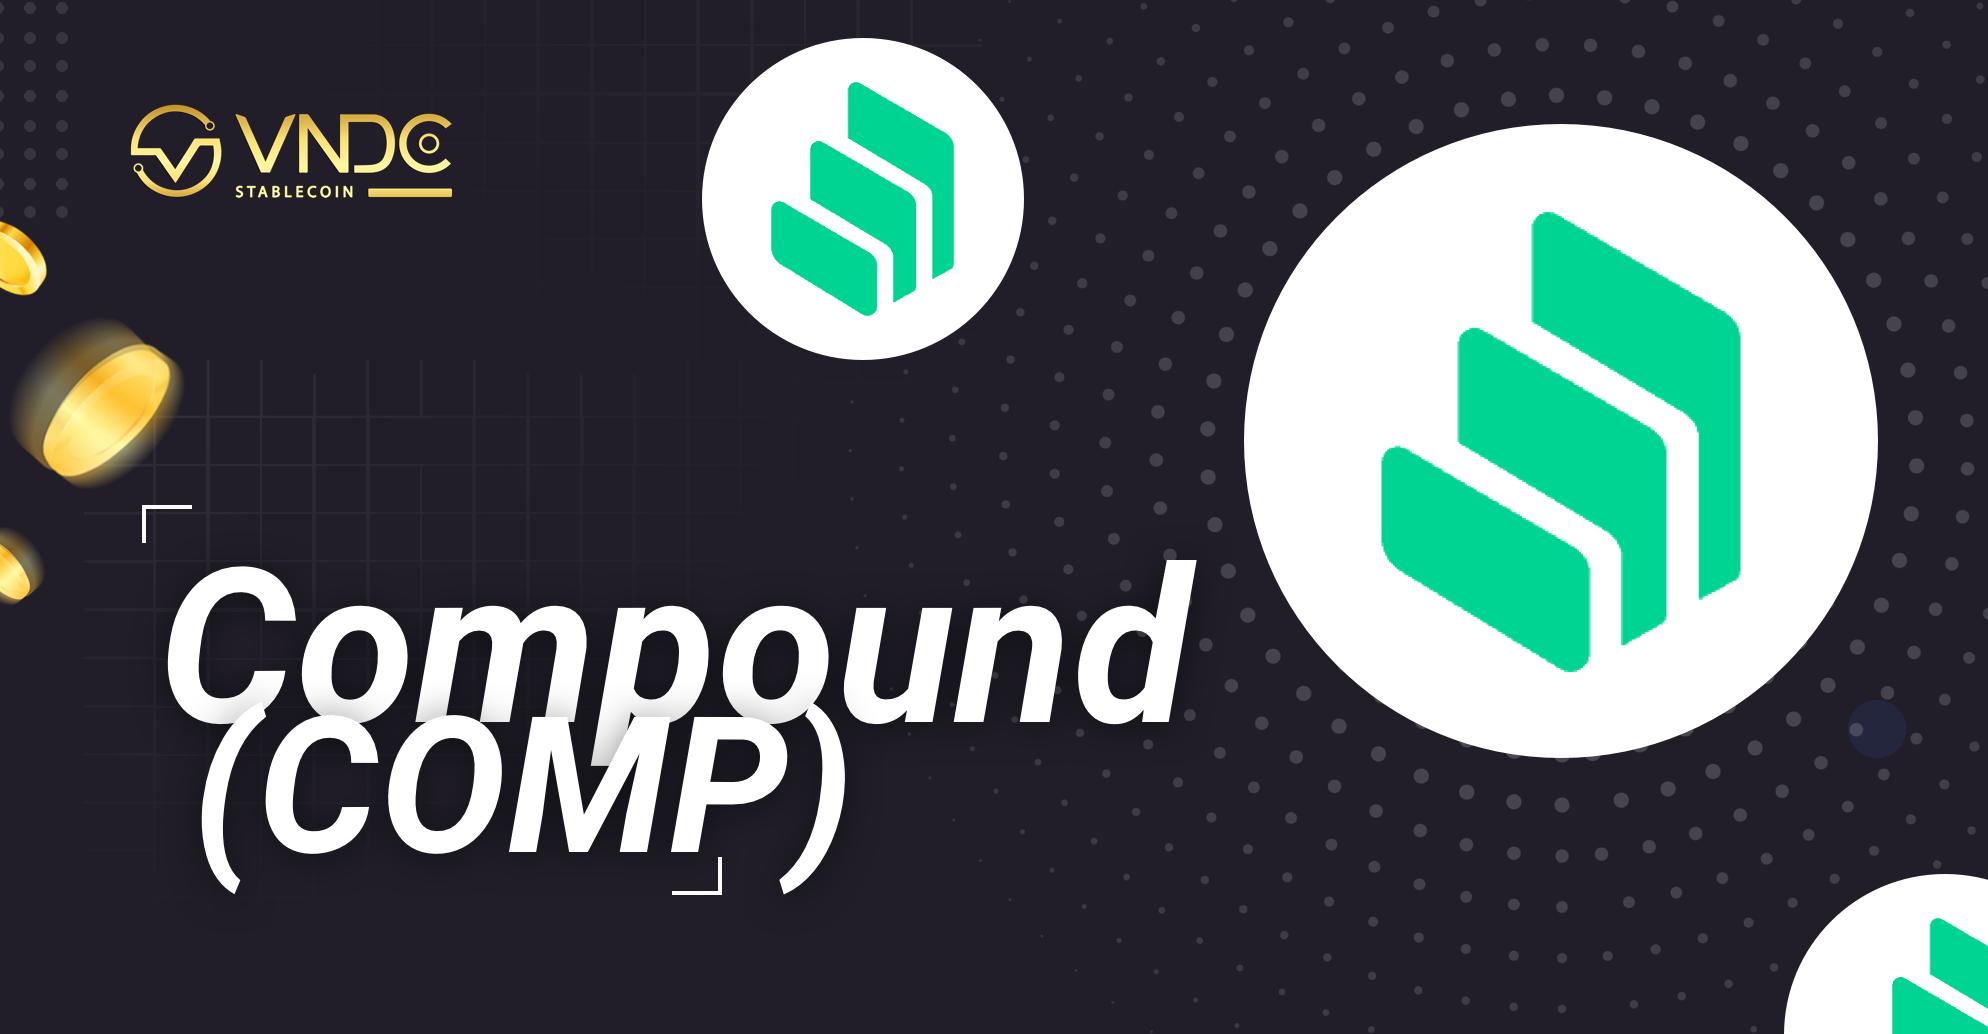 Compound (COMP) là gì? Những điều cần biết để đầu tư COMP hiệu quả?